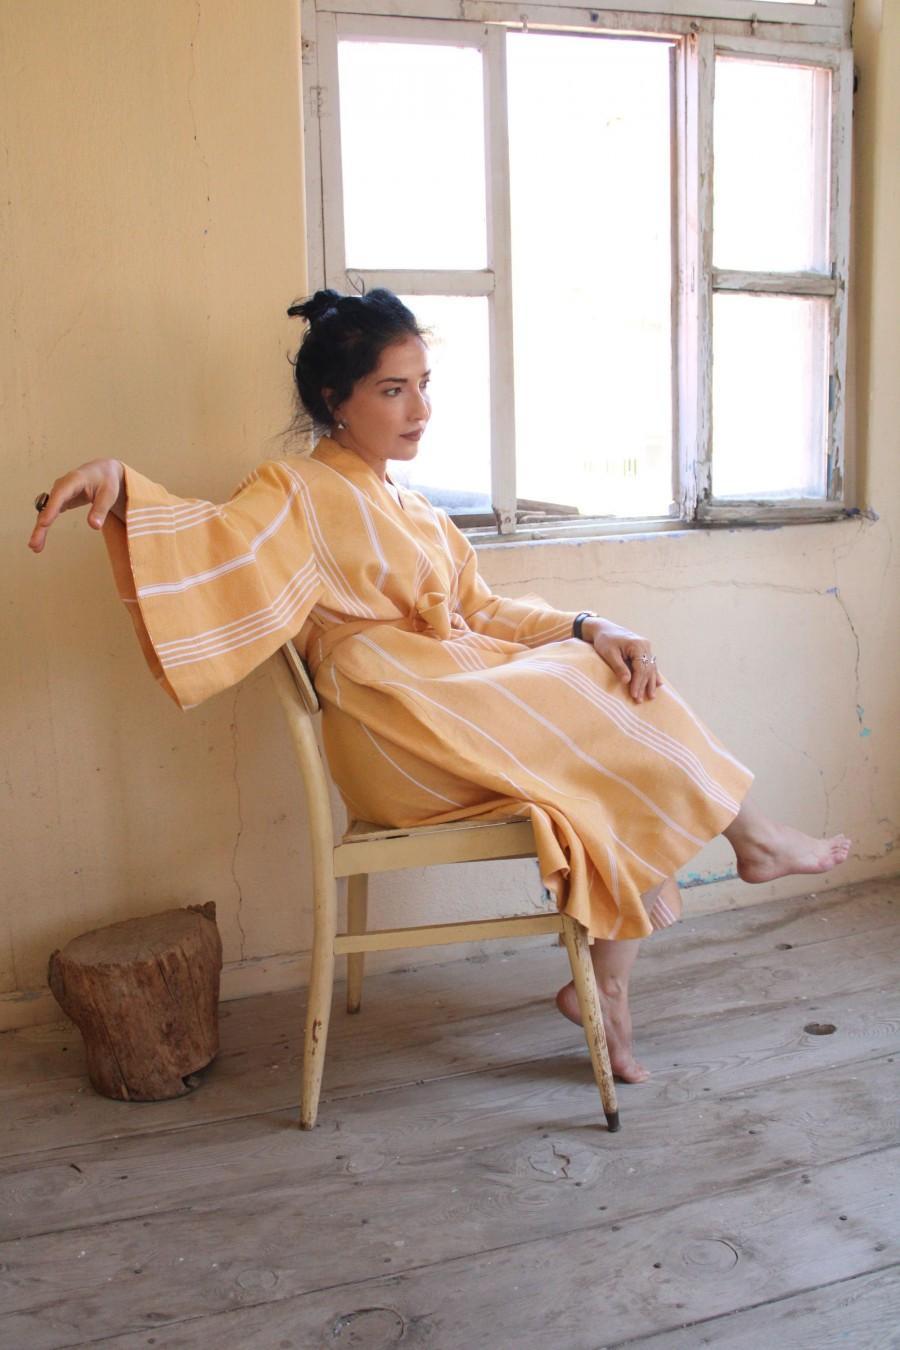 Wedding - Luxury Peshtemal Women Cotton Kimono